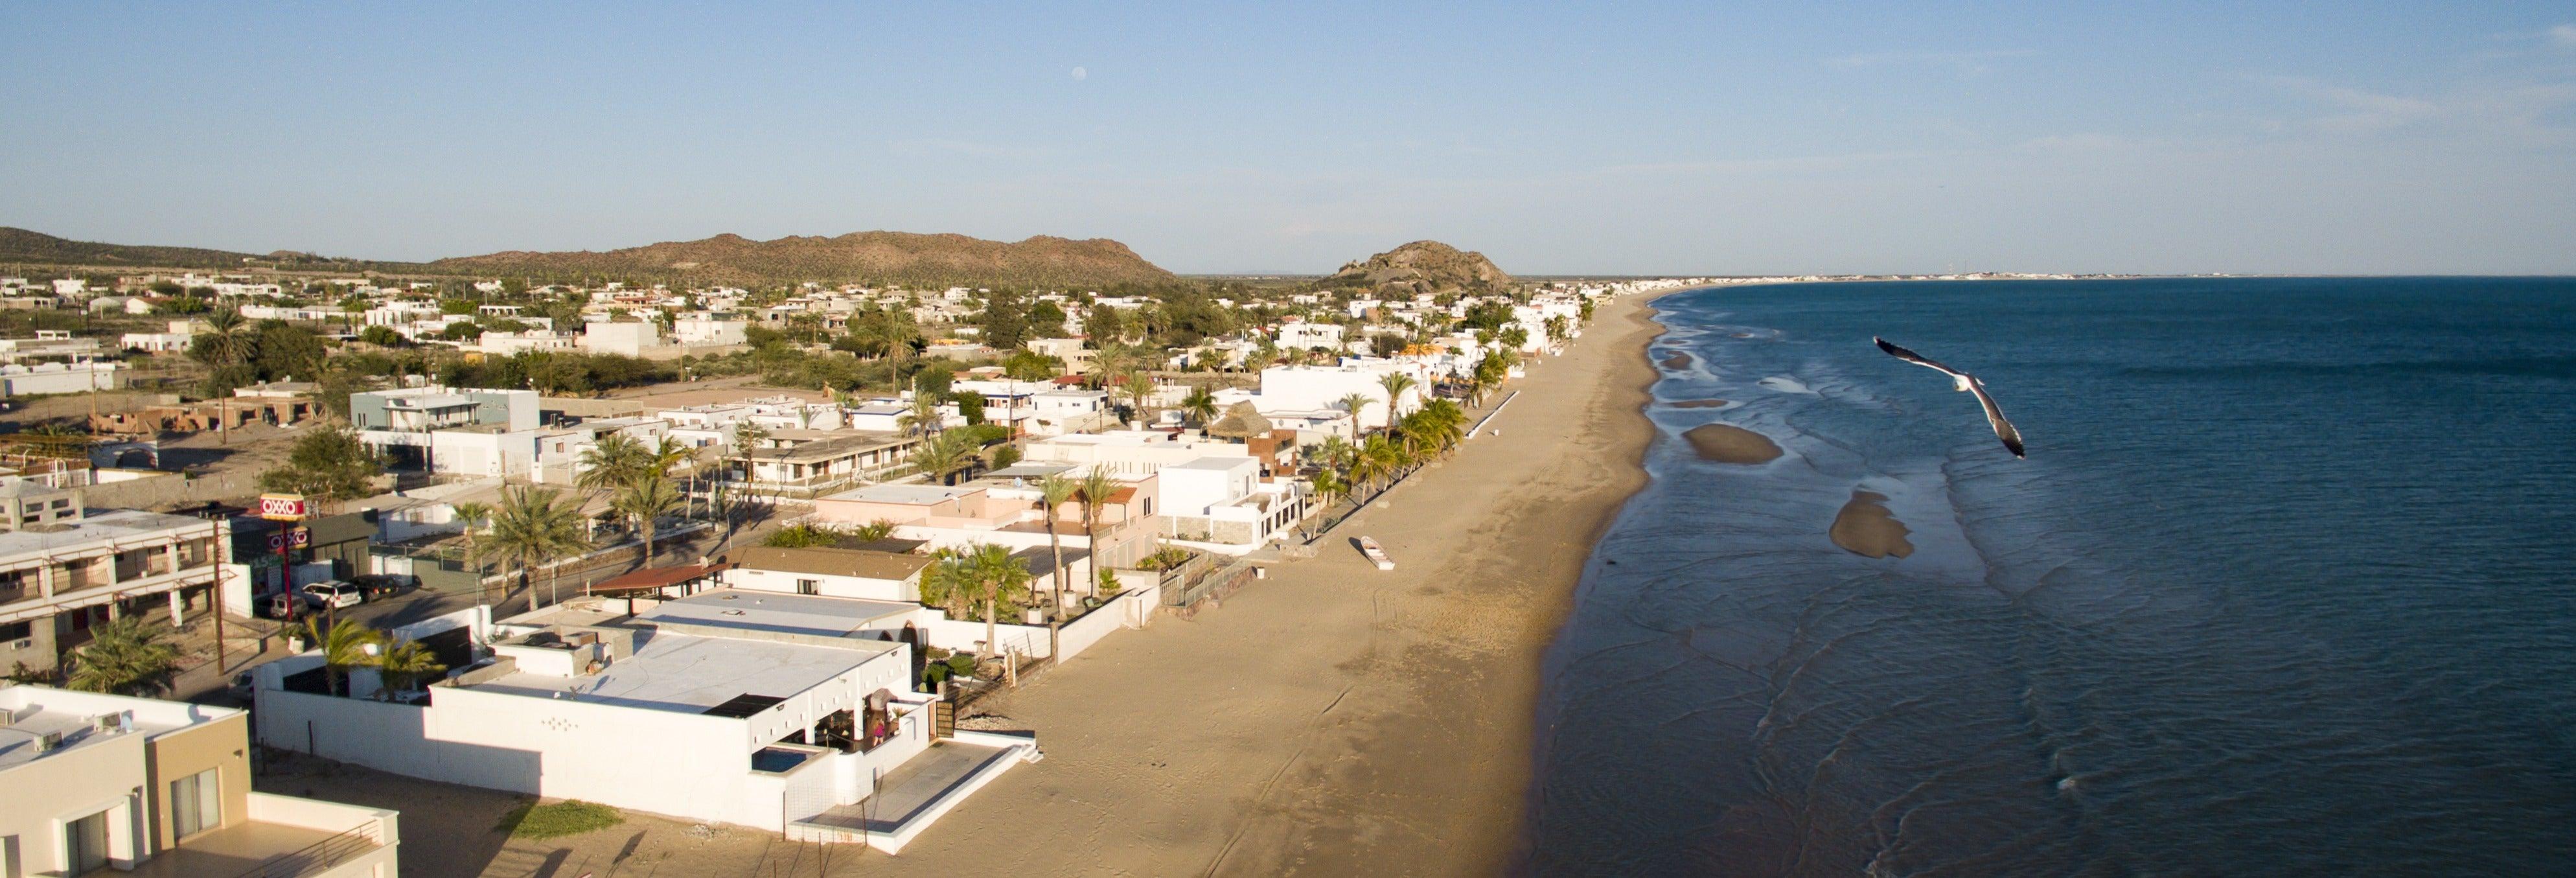 Excursión a Bahía de Kino desde Hermosillo